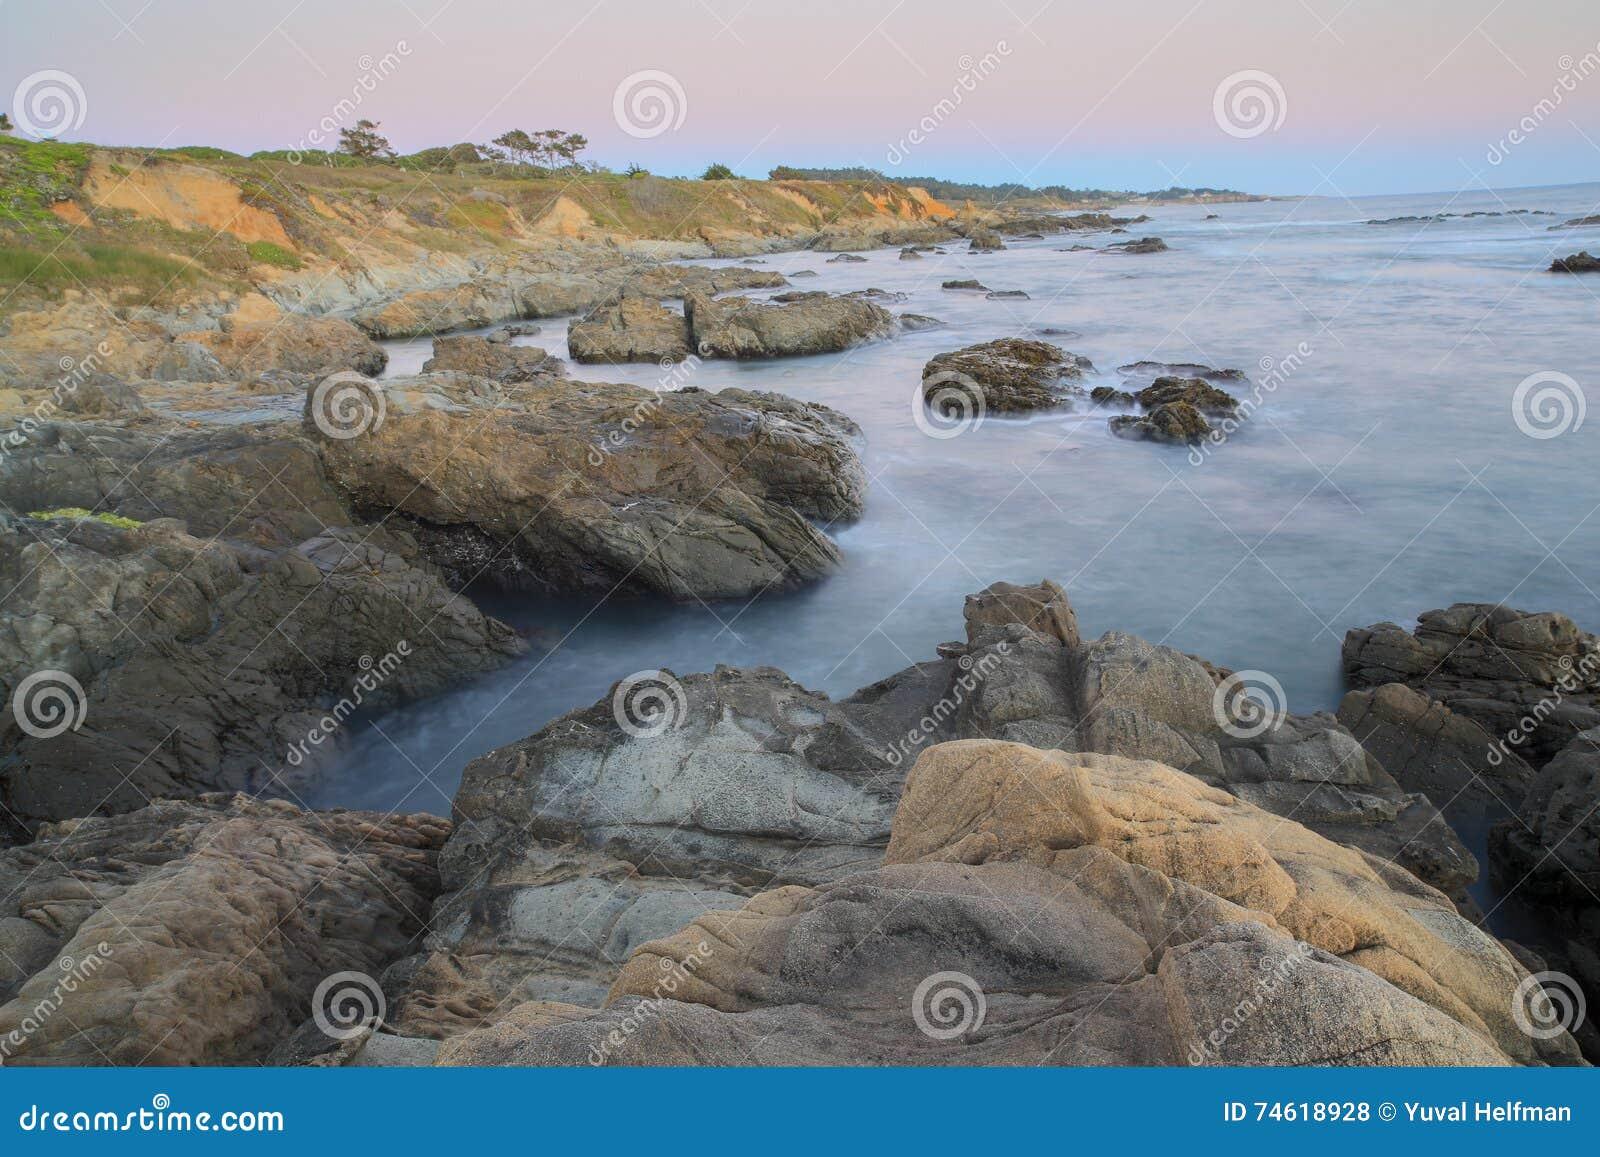 California san mateo county pescadero - Dusk Over Bean Hollow State Beach Pescadero California Usa